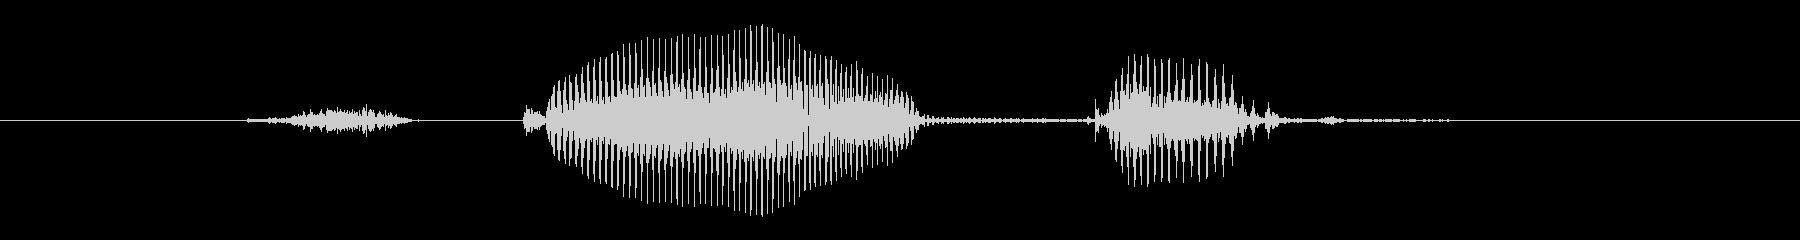 スタート!(掛け声・女性)の未再生の波形